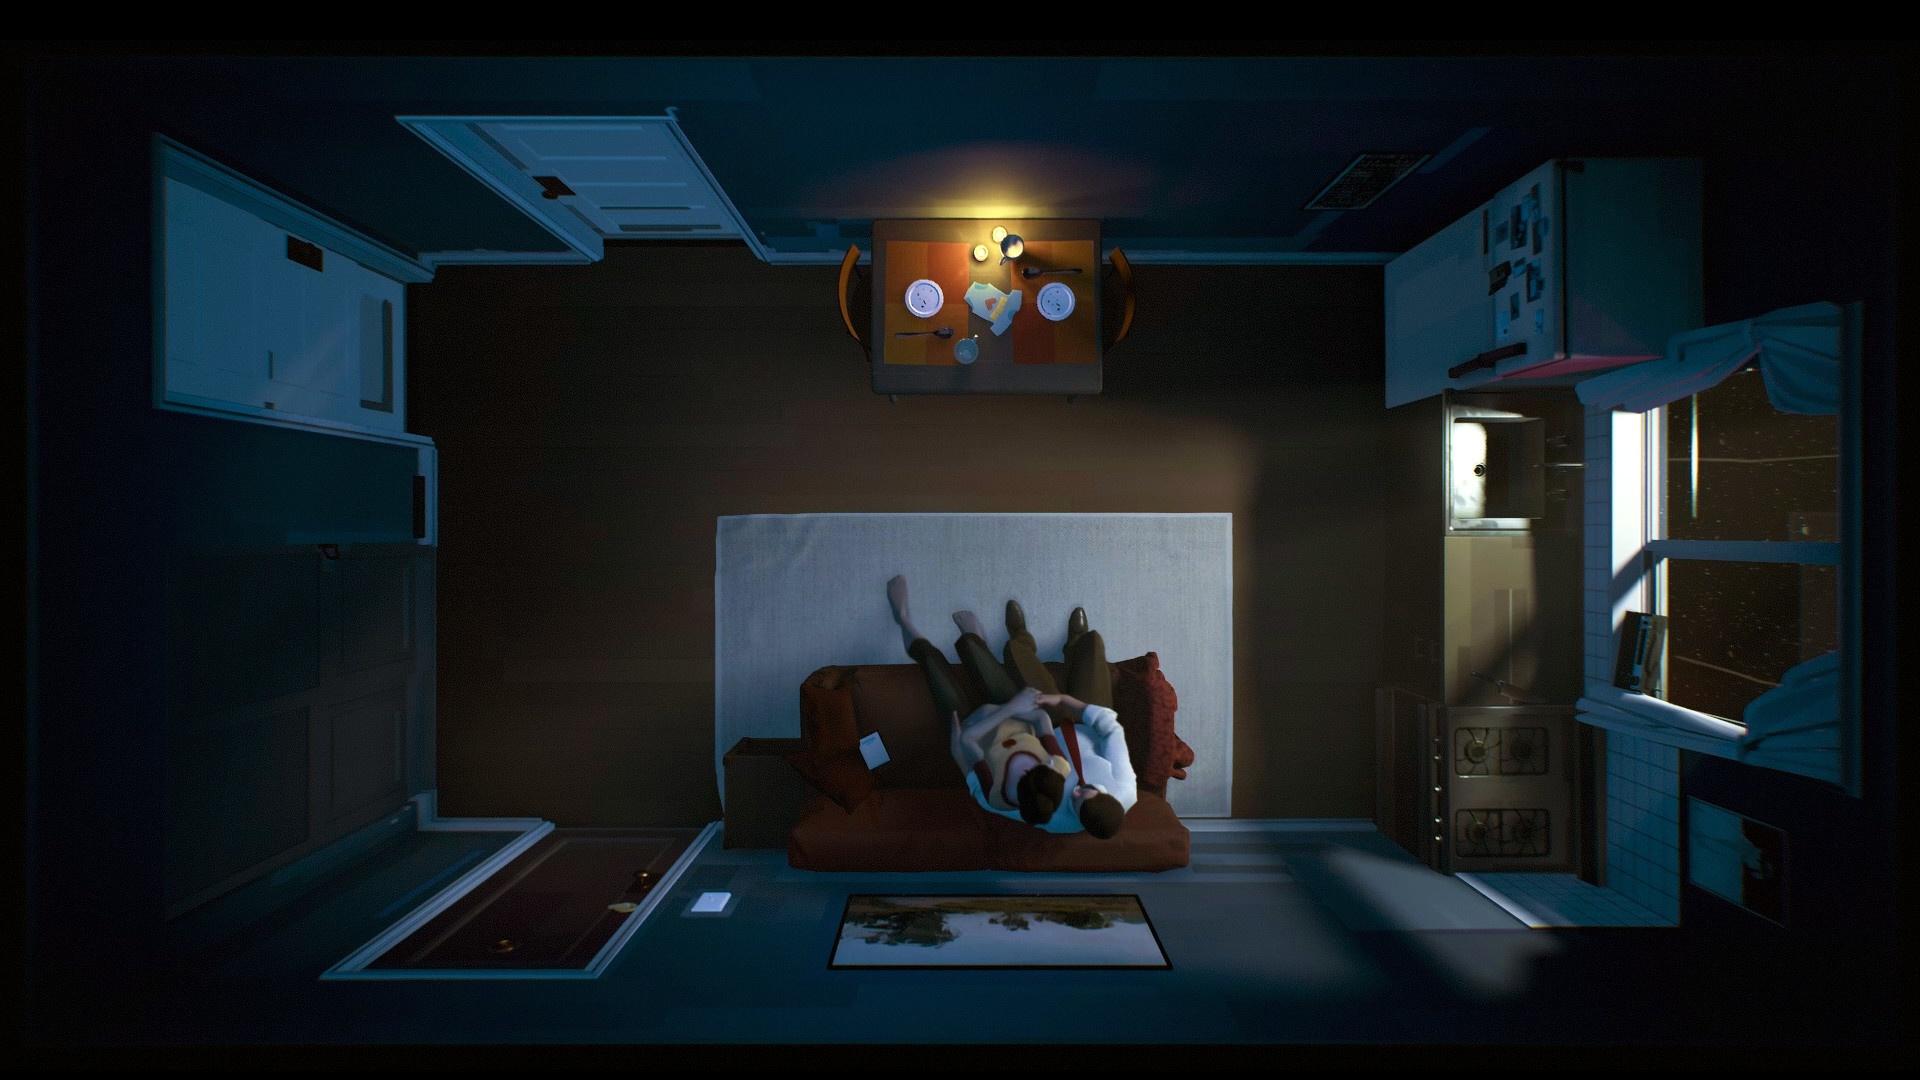 Создатели12 Minutes выстроили копию комнаты для записи анимации и звуков